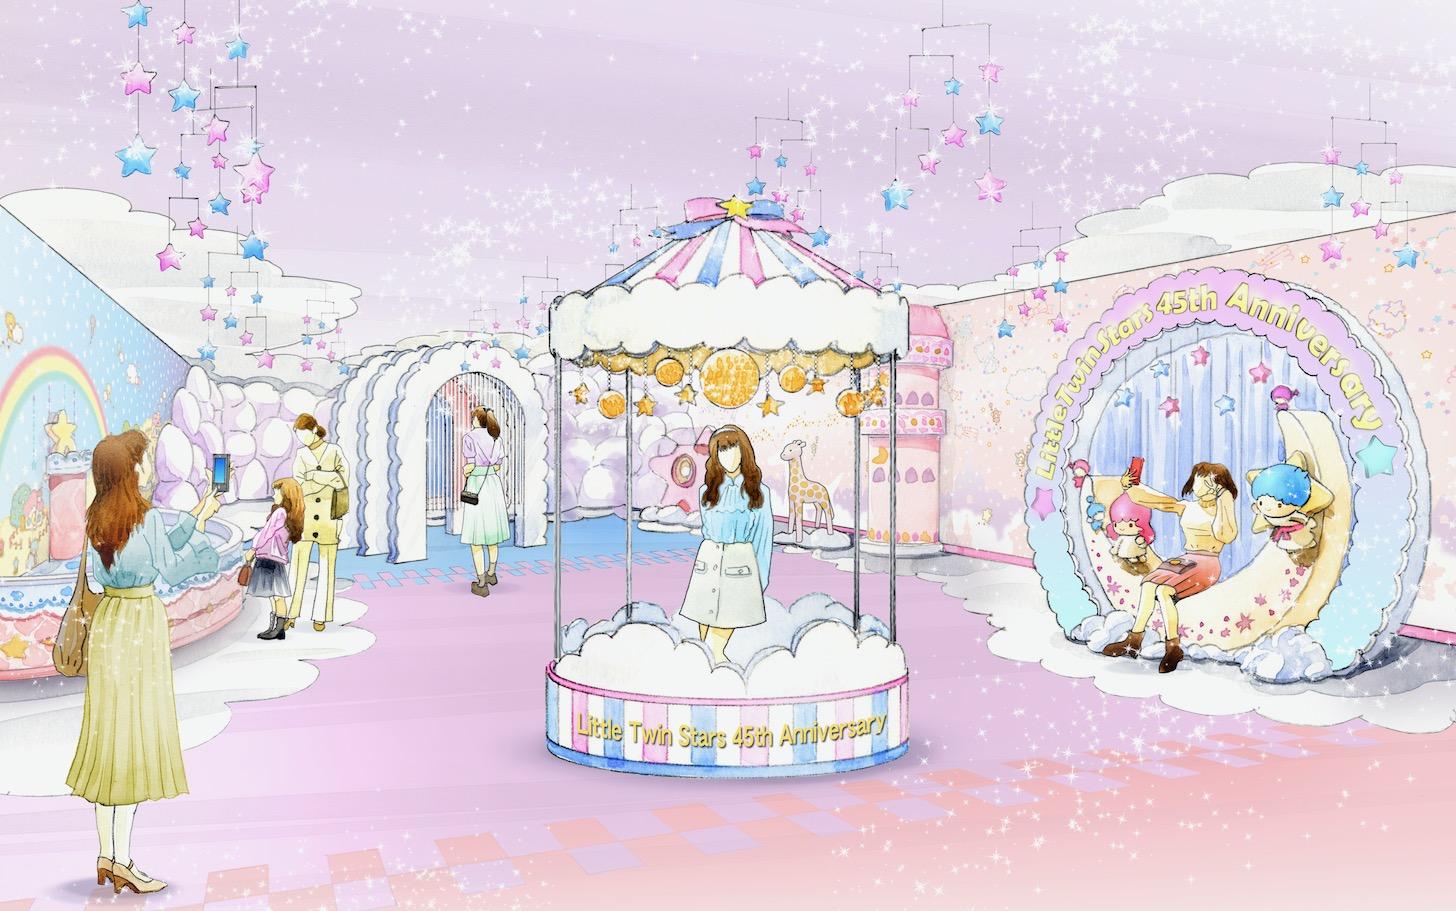 ゆめかわいい世界へ大変身をする~キキ&ララ~トゥインクリングツアー(イメージ)